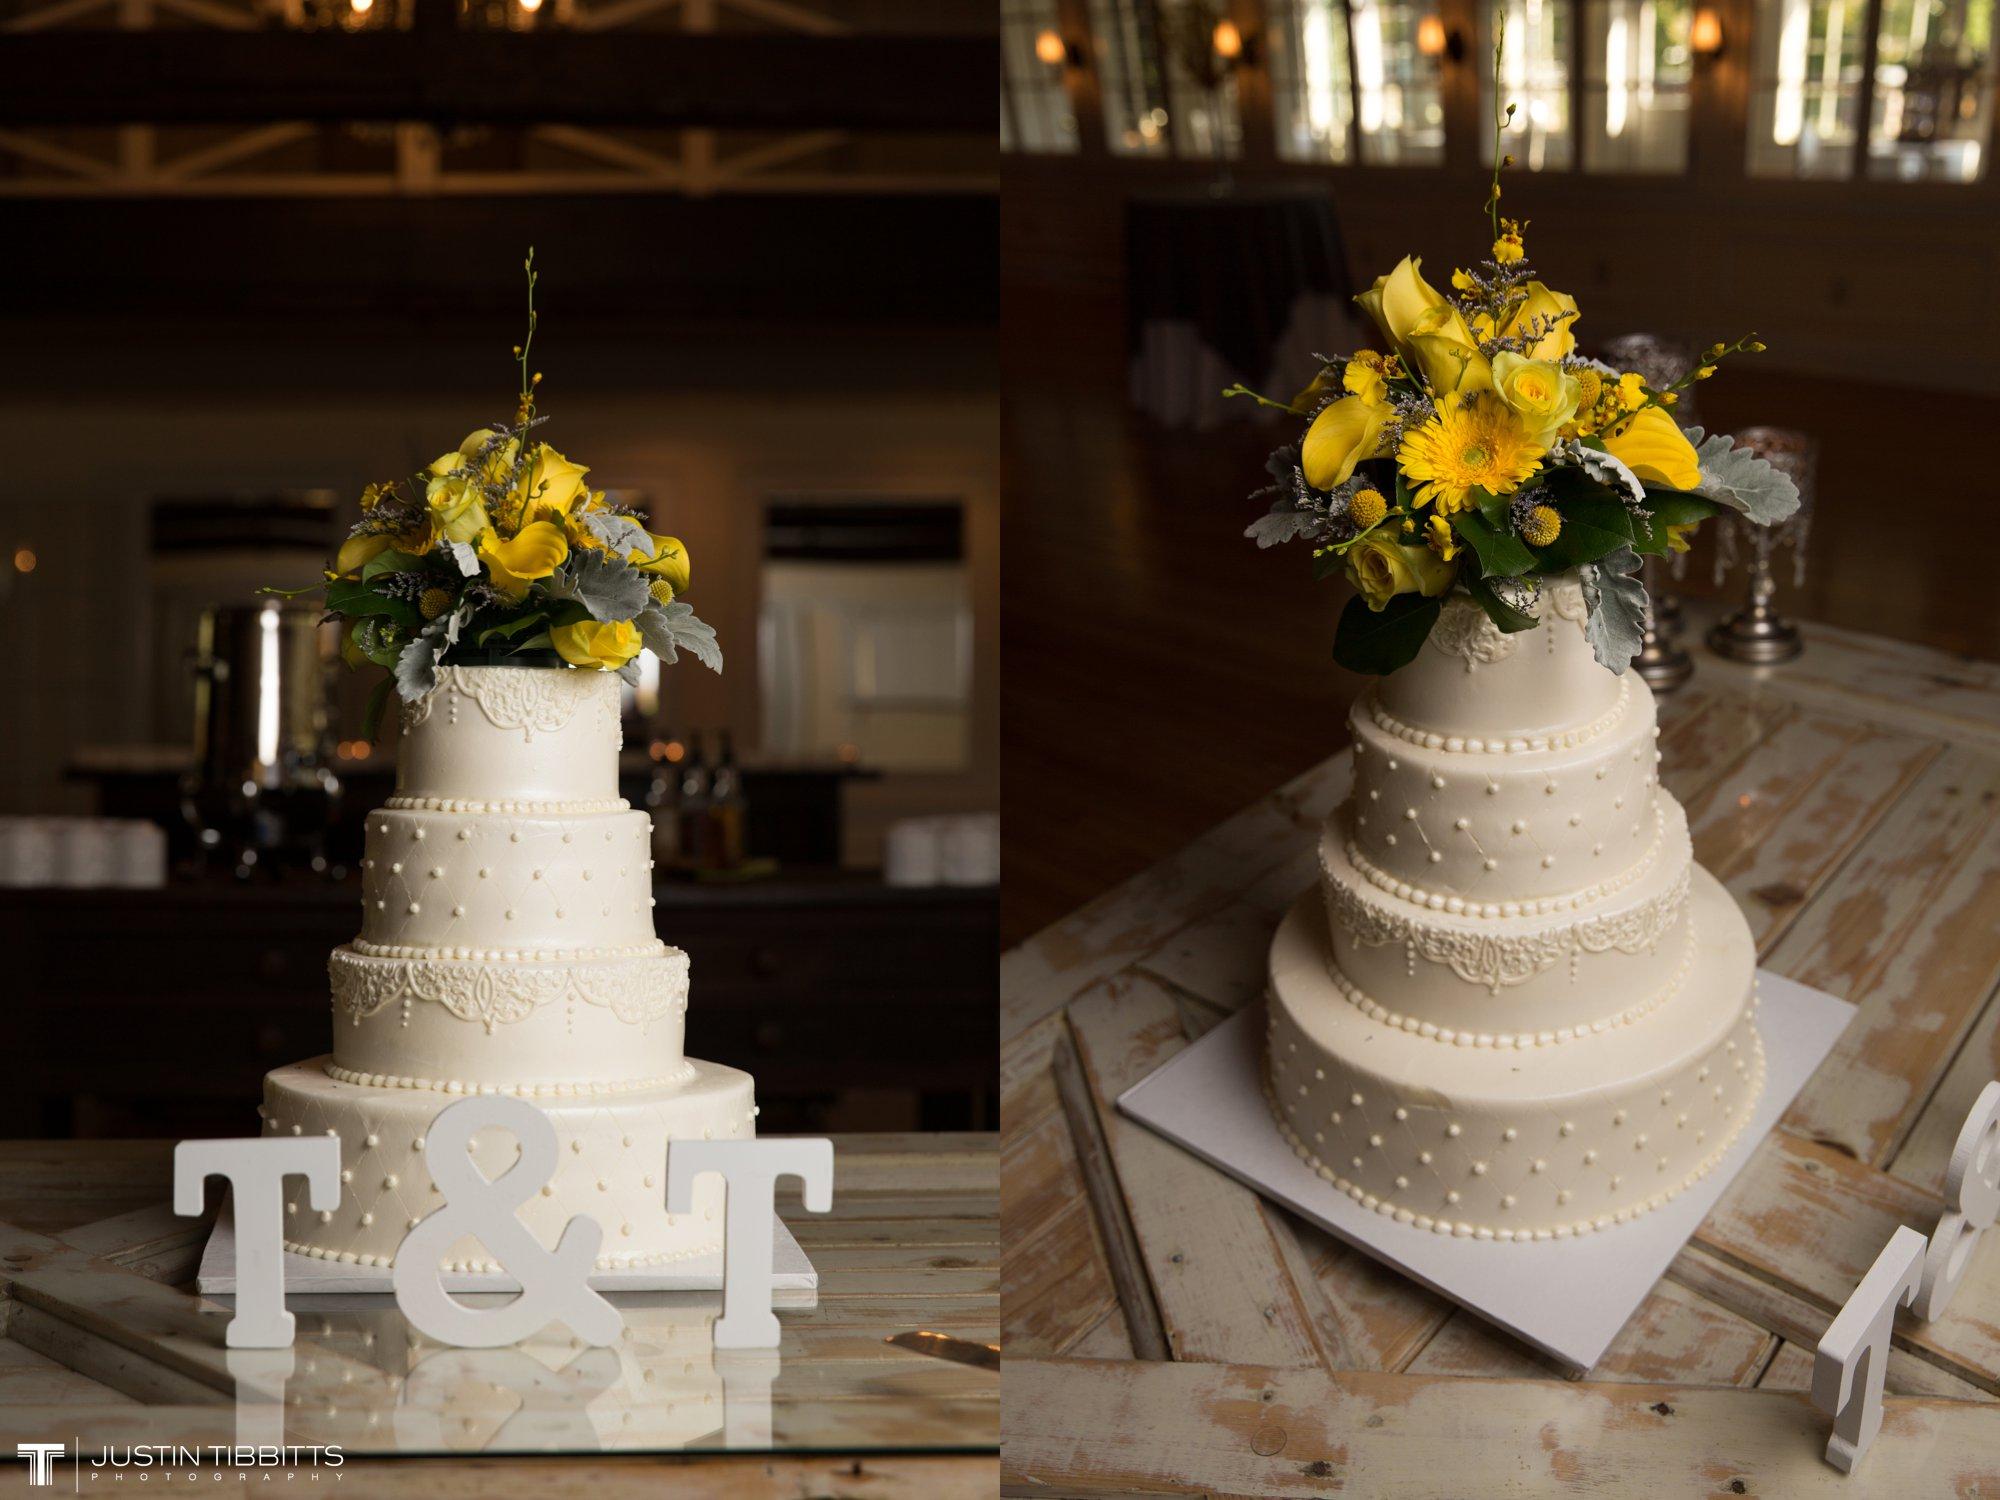 Albany NY Wedding Photographer Justin Tibbitts Photography 2014 Best of Albany NY Weddings-9888328410872